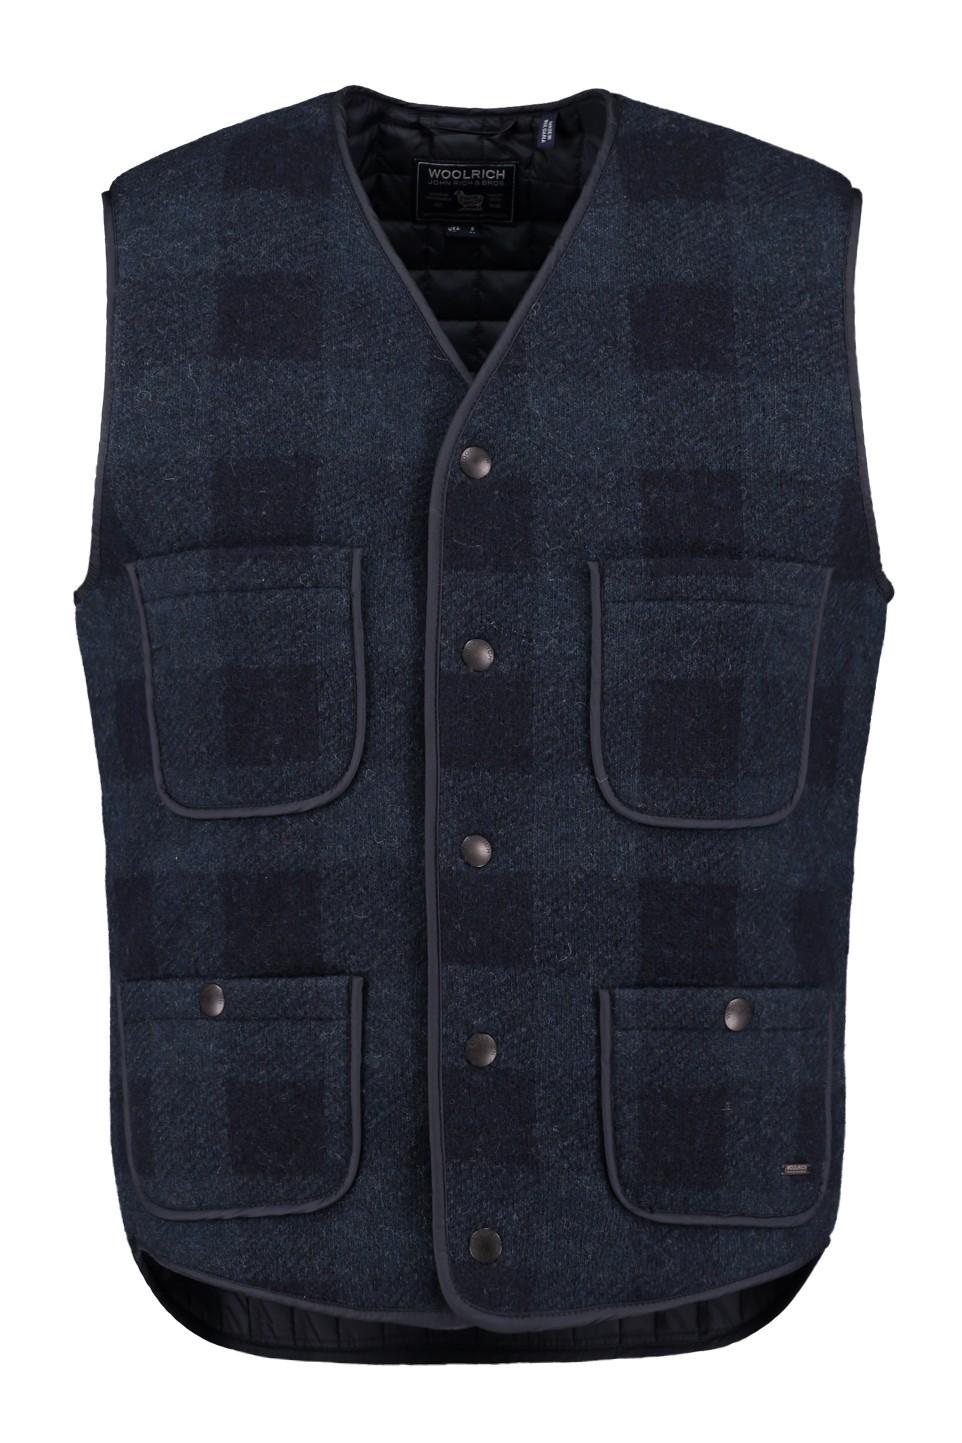 Woolrich Rail Road Vest in Blue Buffalo - WOGIL0099 BW01 3982